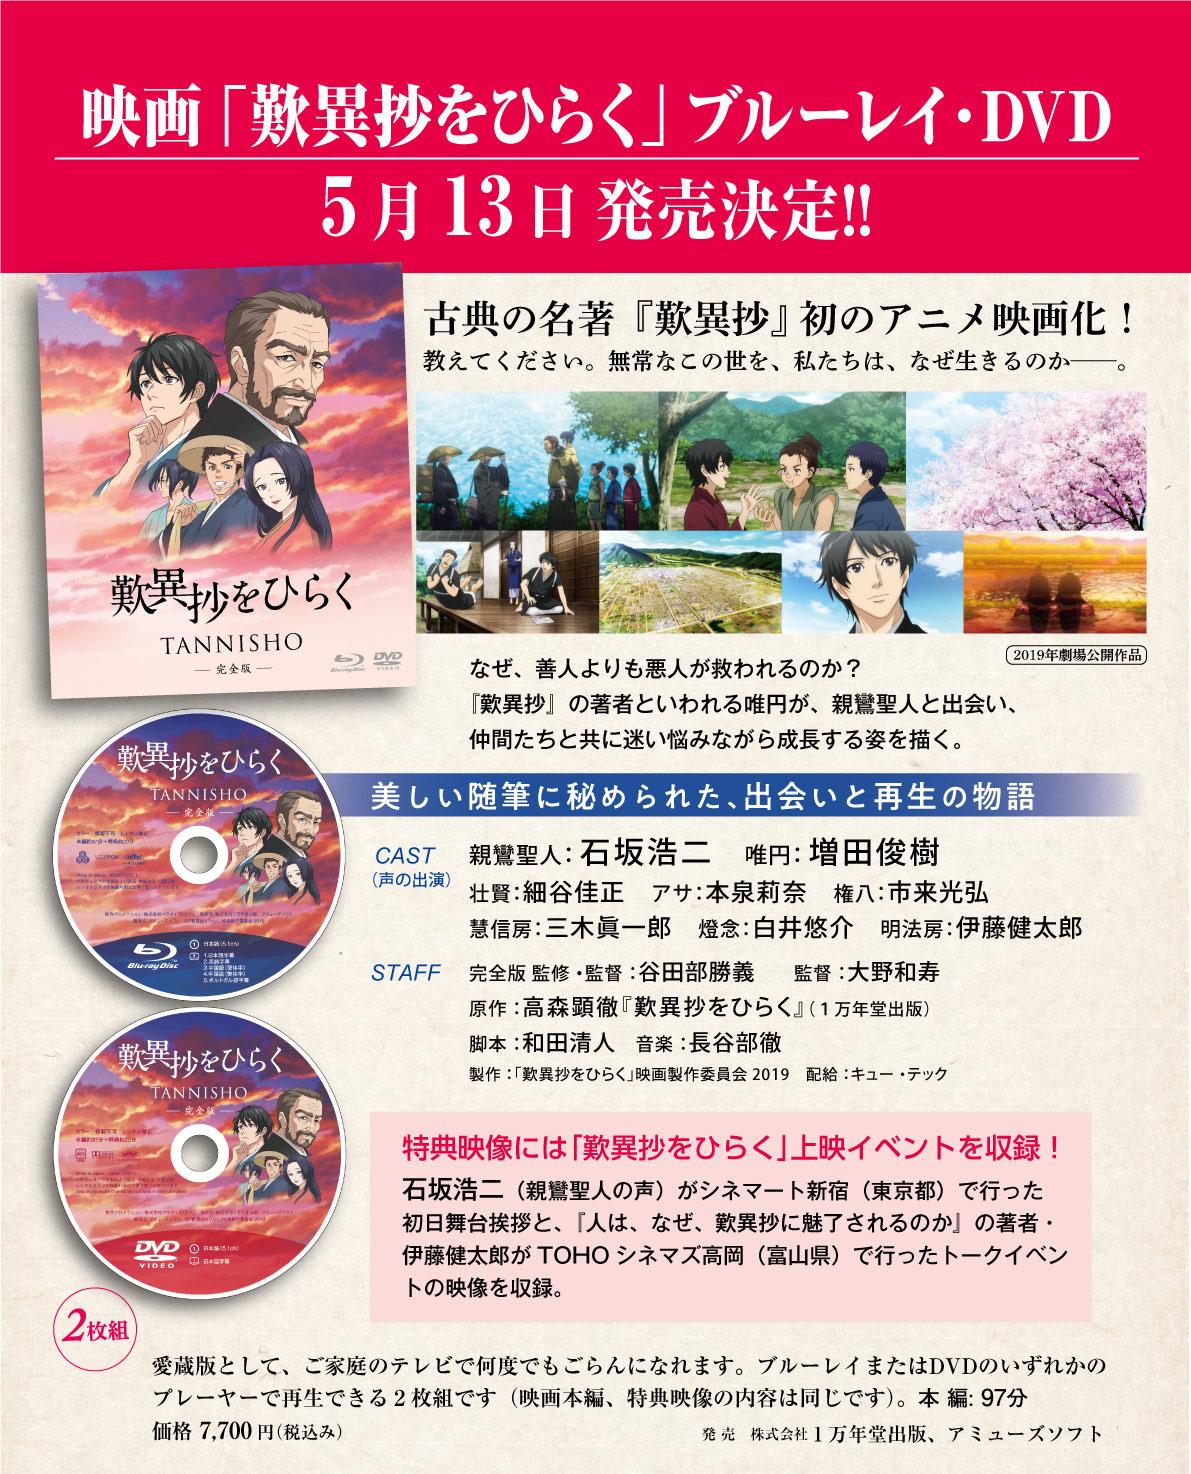 古典の名著『歎異抄』がアニメ映画に 映画「歎異抄をひらく」ブルーレイ&DVD 本日(5/13)発売!の画像1